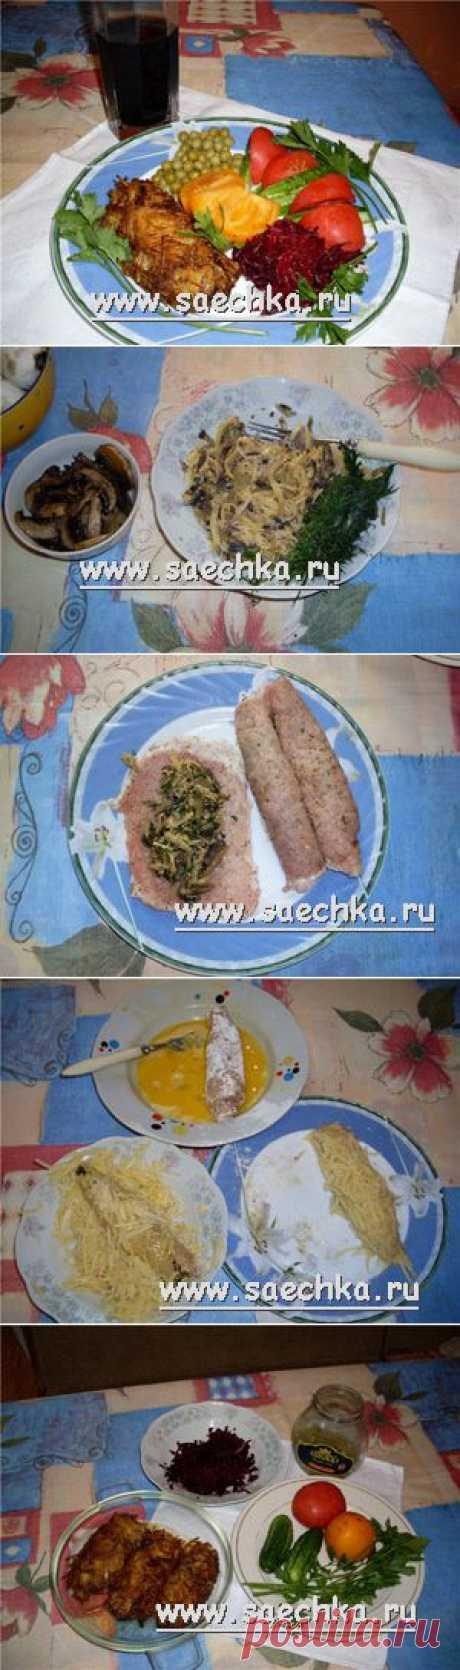 Котлета гомельская | рецепты на Saechka.Ru